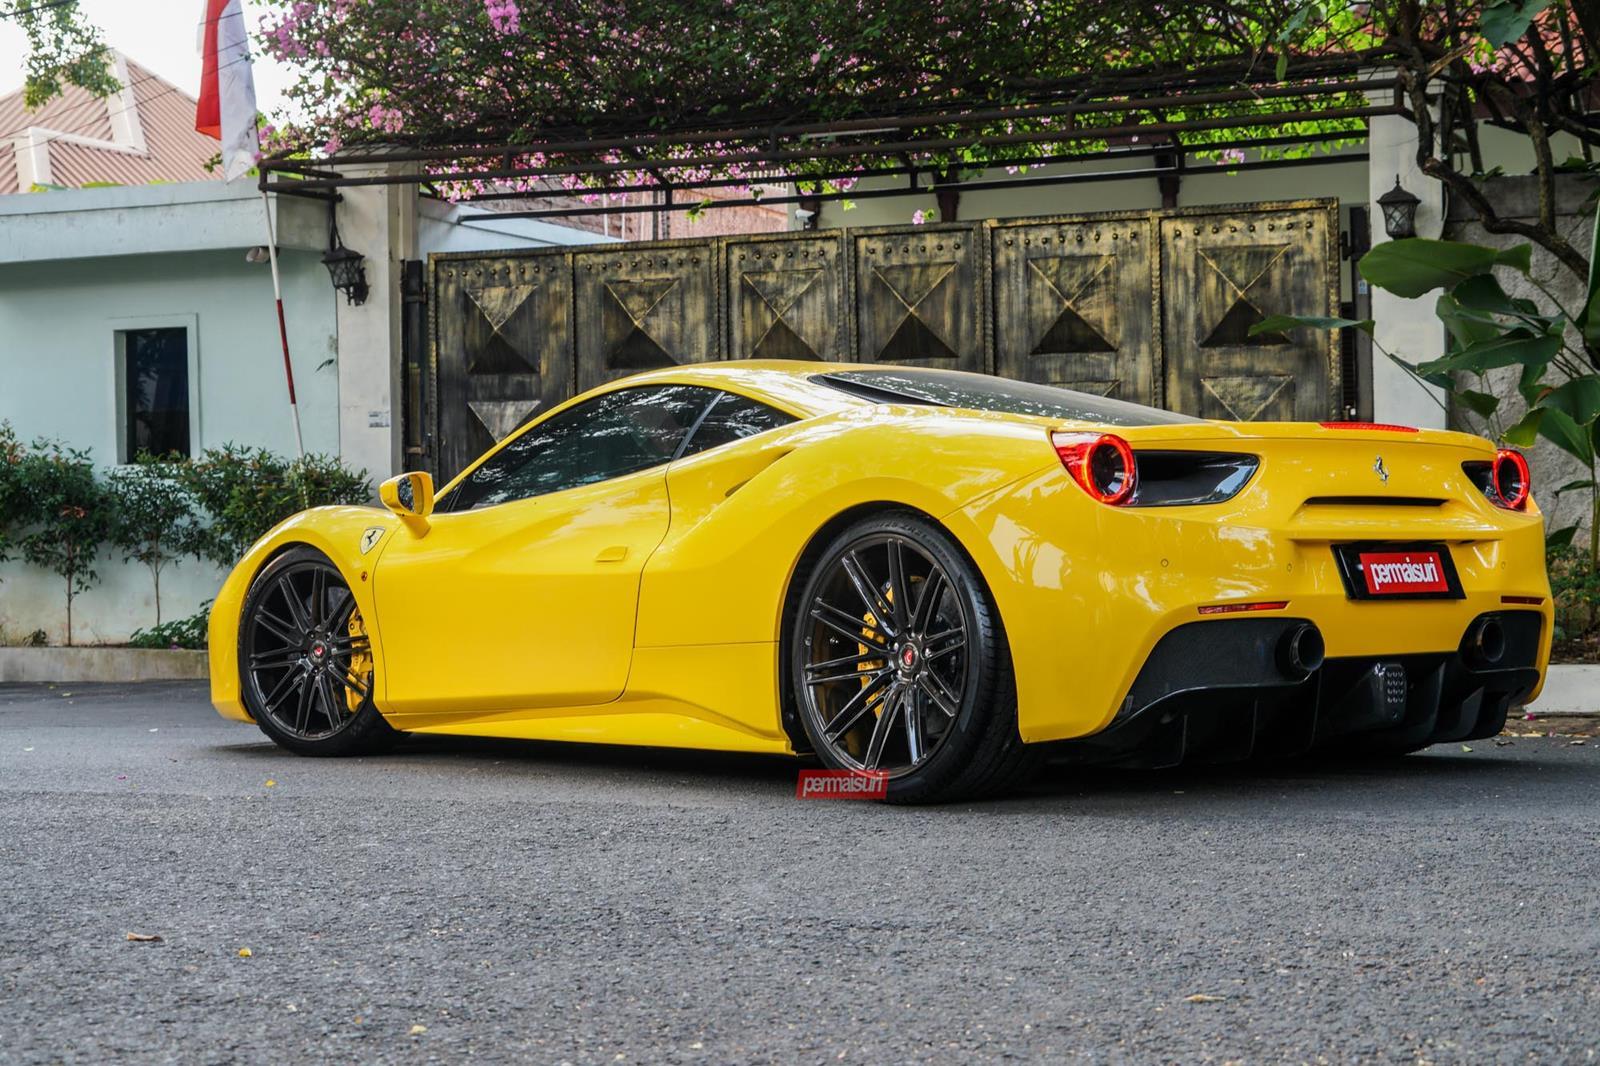 Ferrari Yellow Ferrari S California 612 Scaglietti Giallo